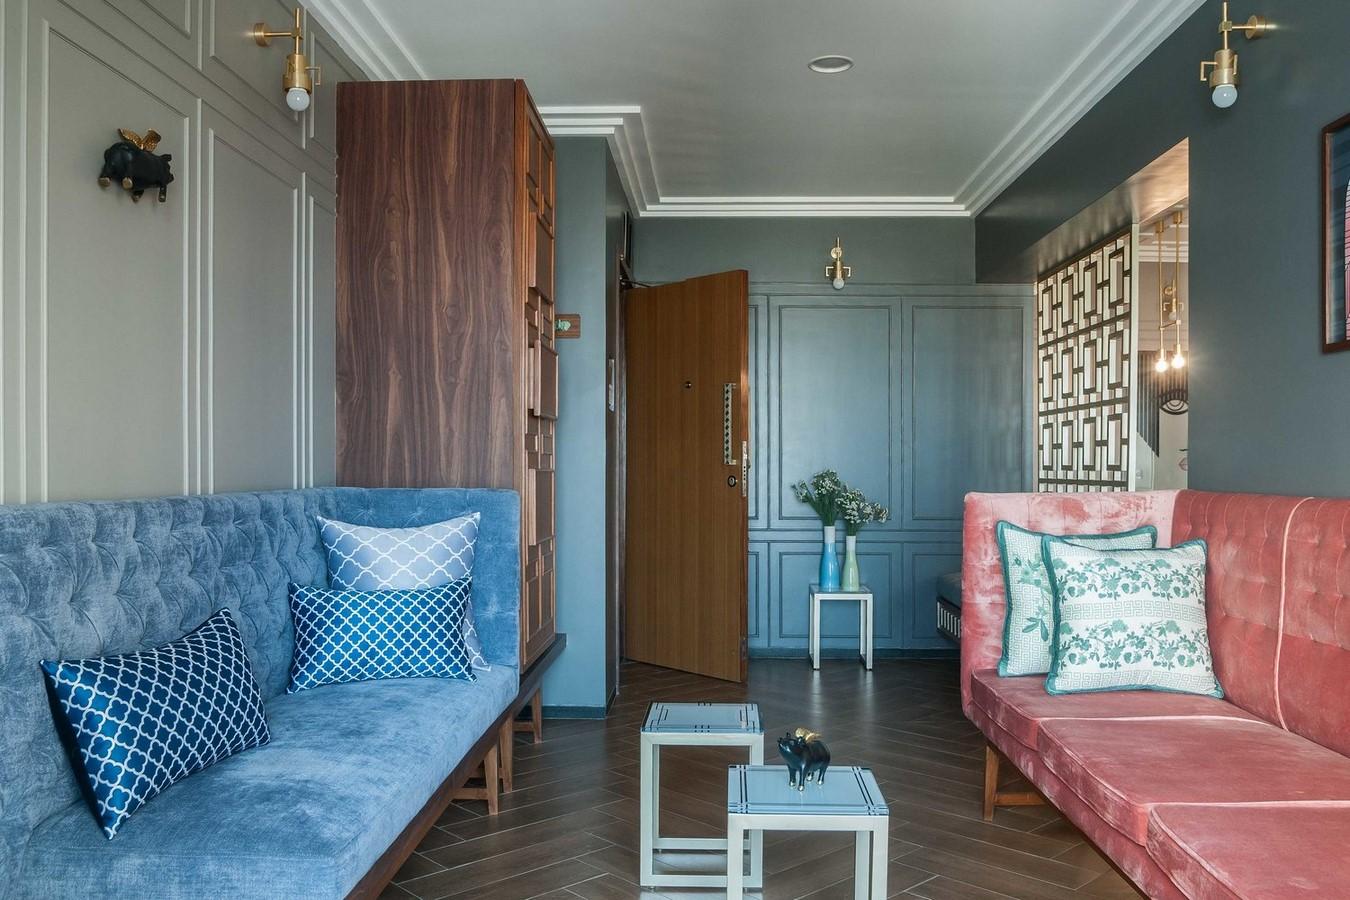 Maison Deco - Sheet1